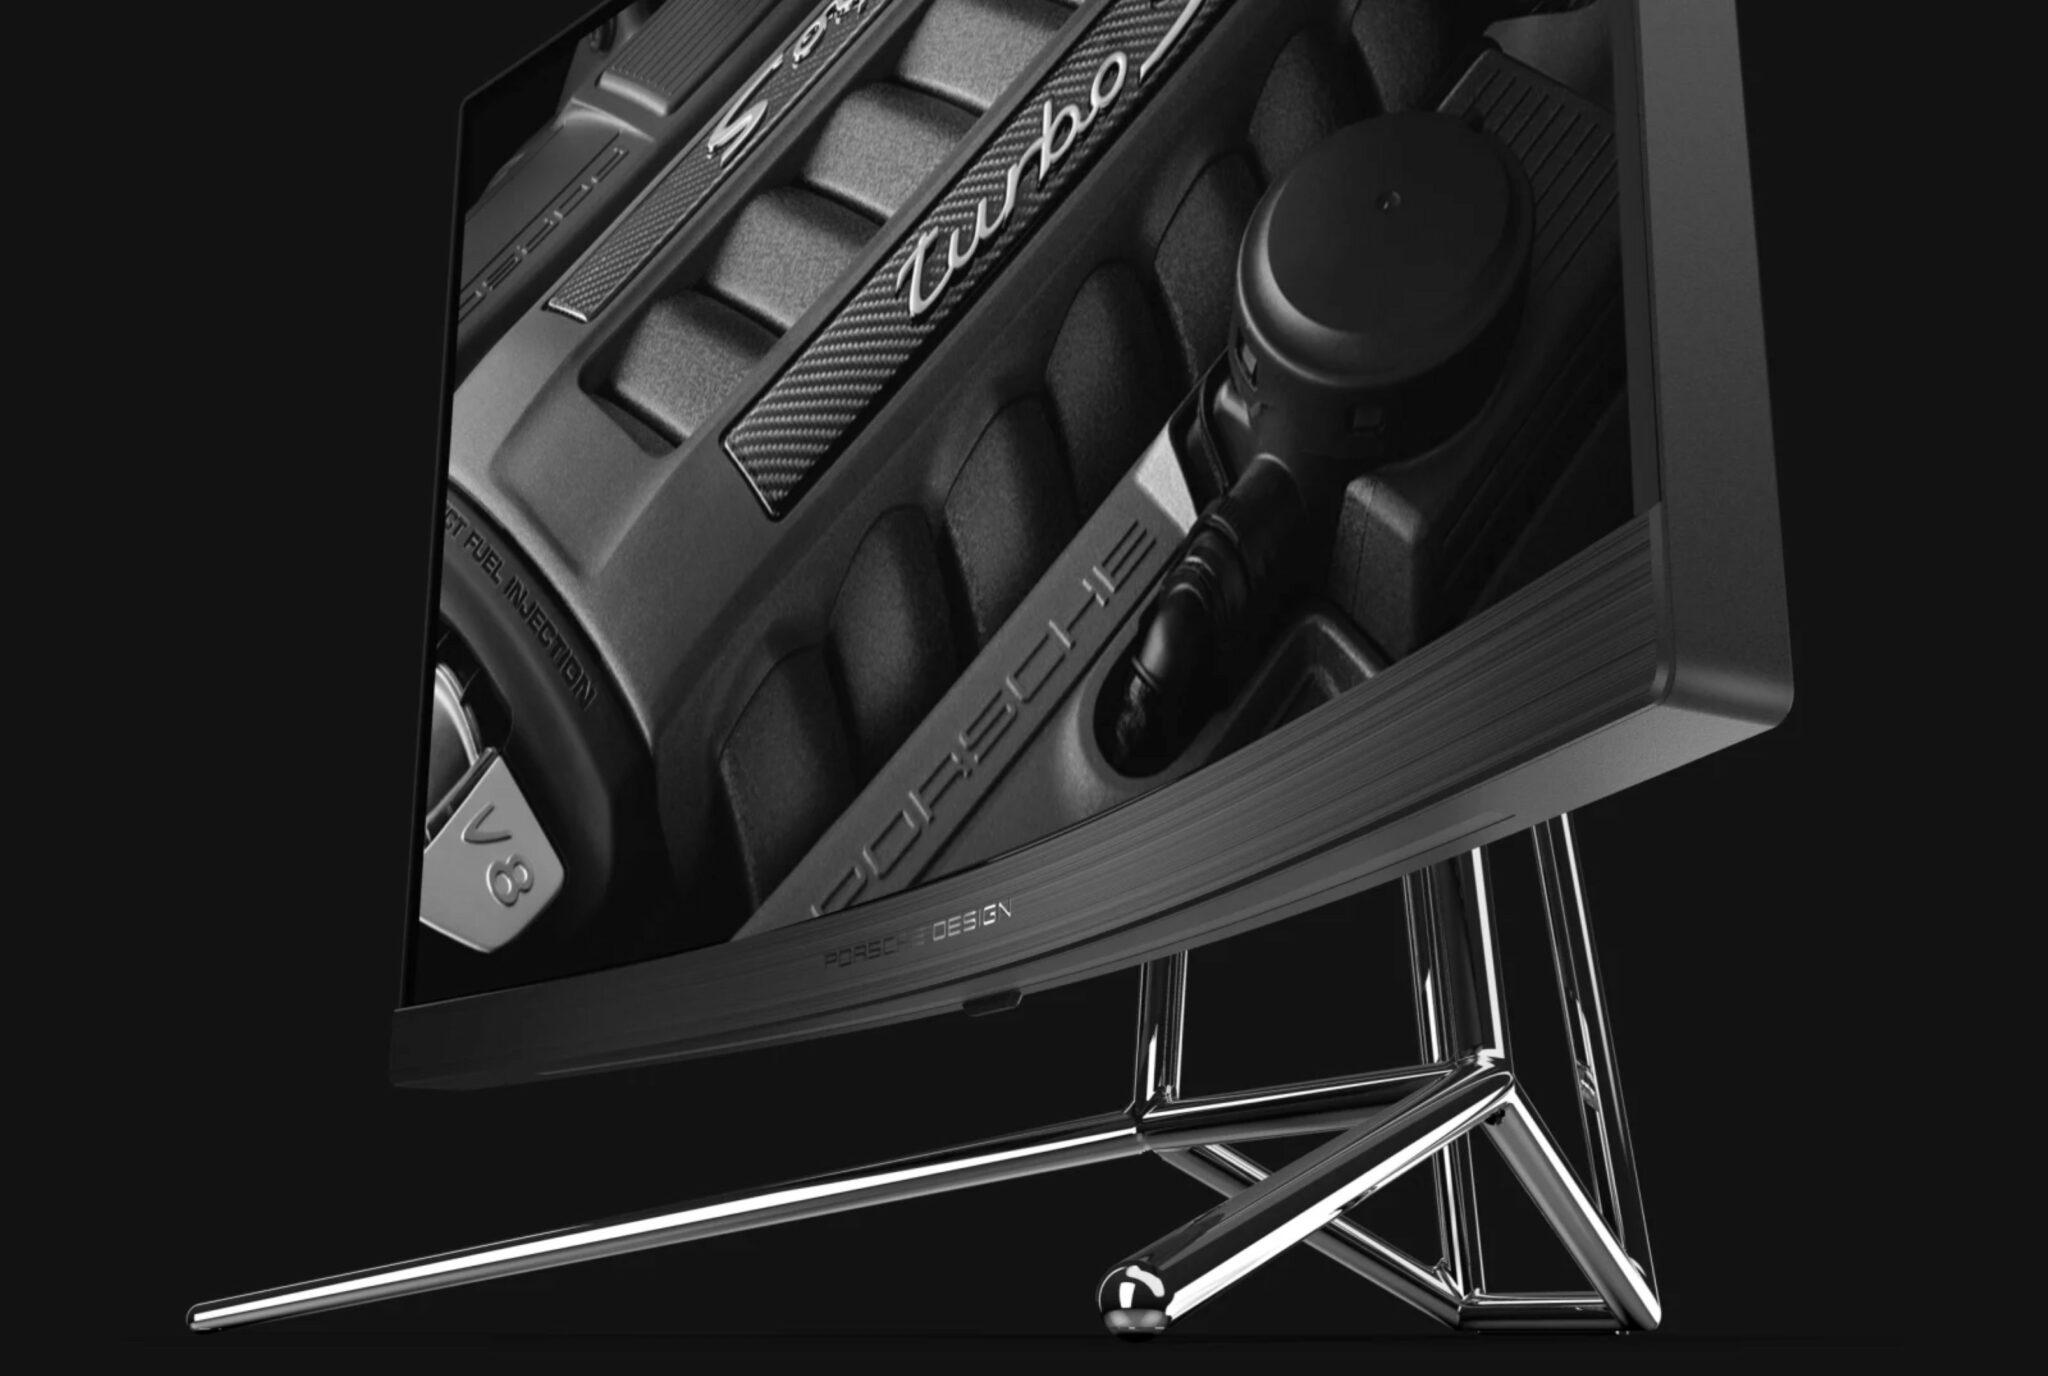 AOC & Porsche Partner to Create the Porsche Design AOC AGON PD27 Monitor